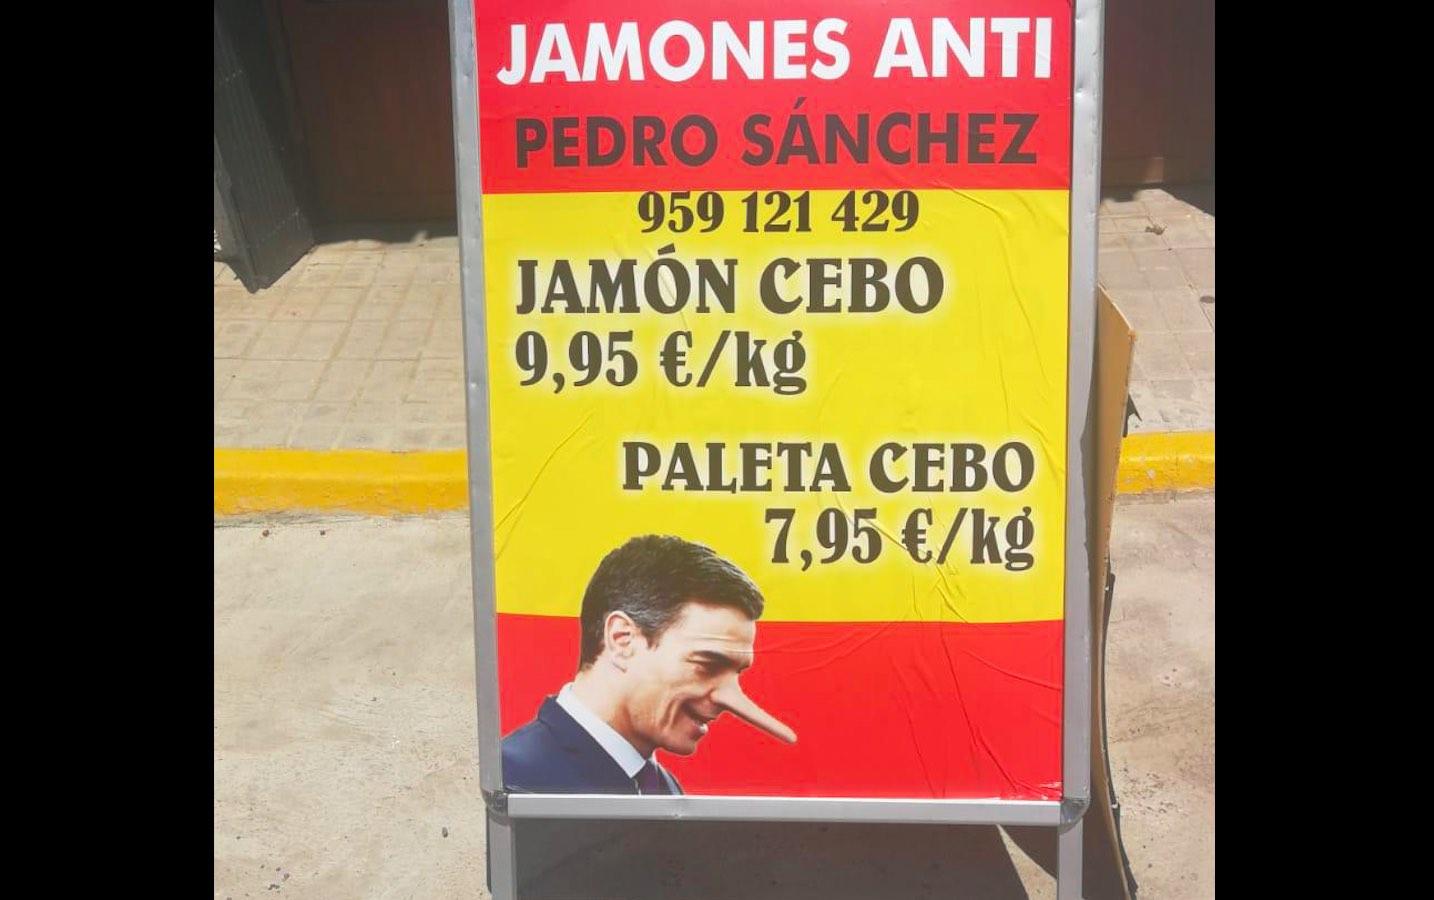 Jamones Anti Pedro Sánchez